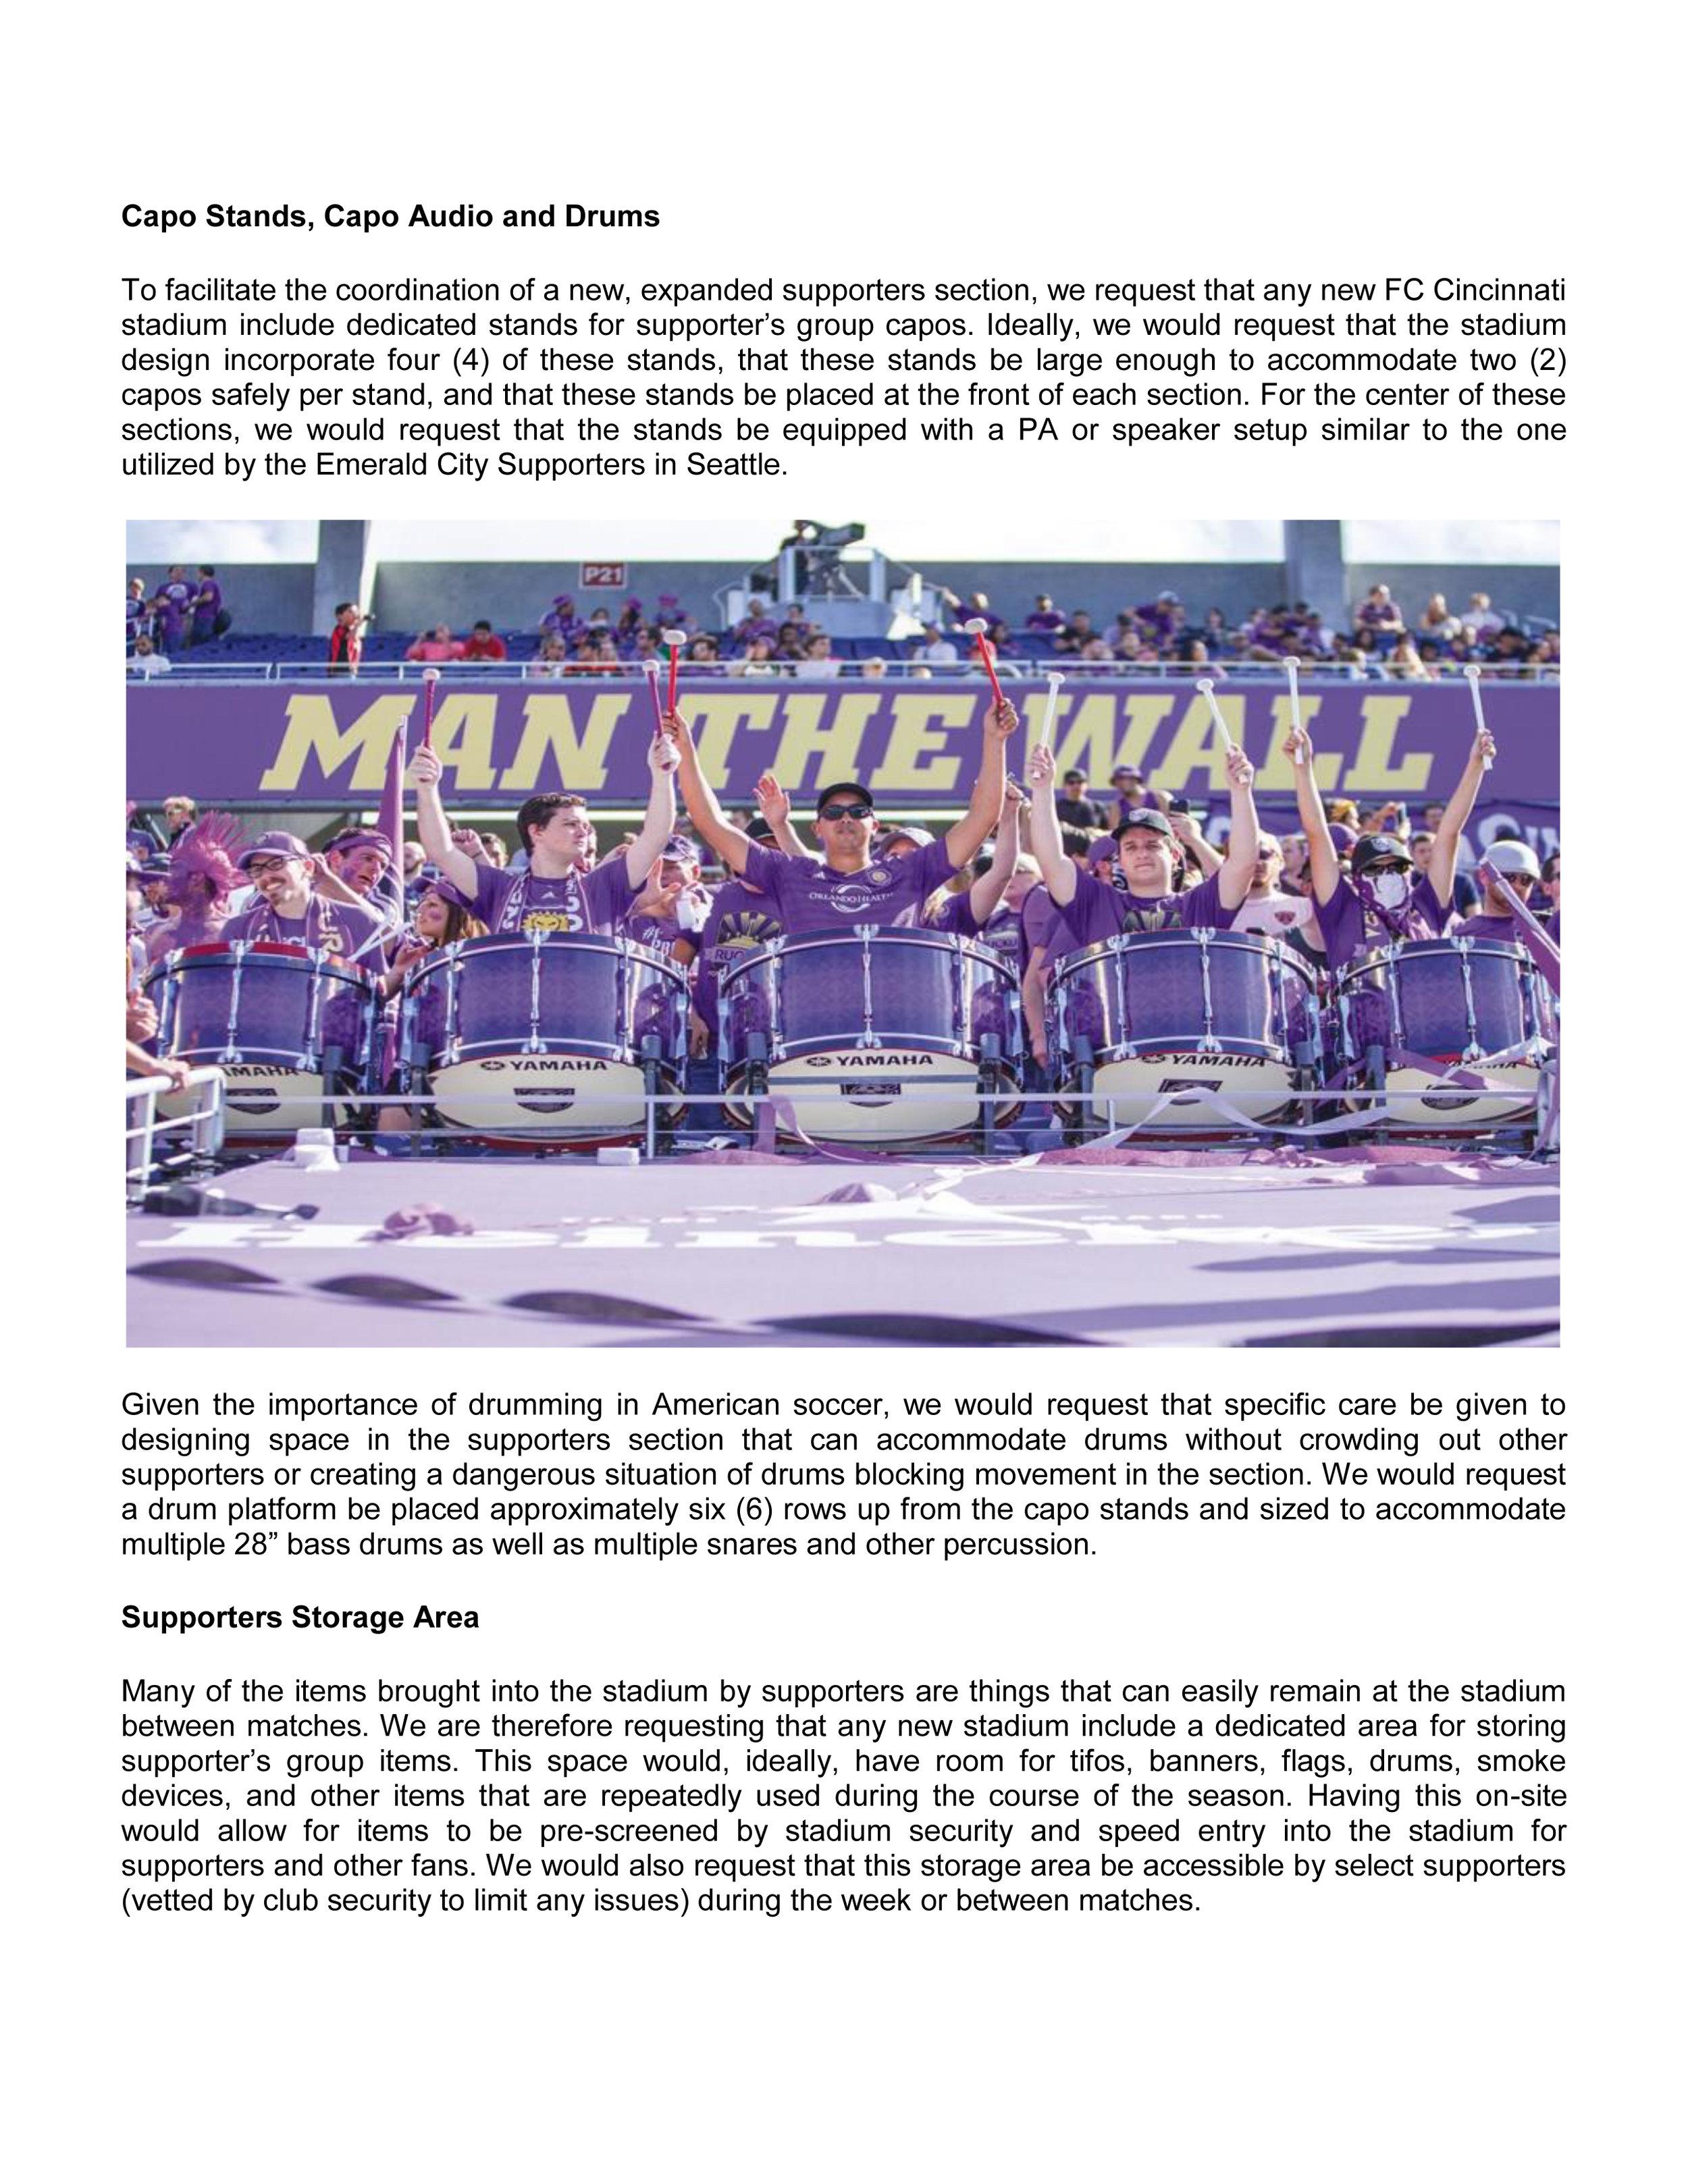 MLS Stadium Requests-5.jpg